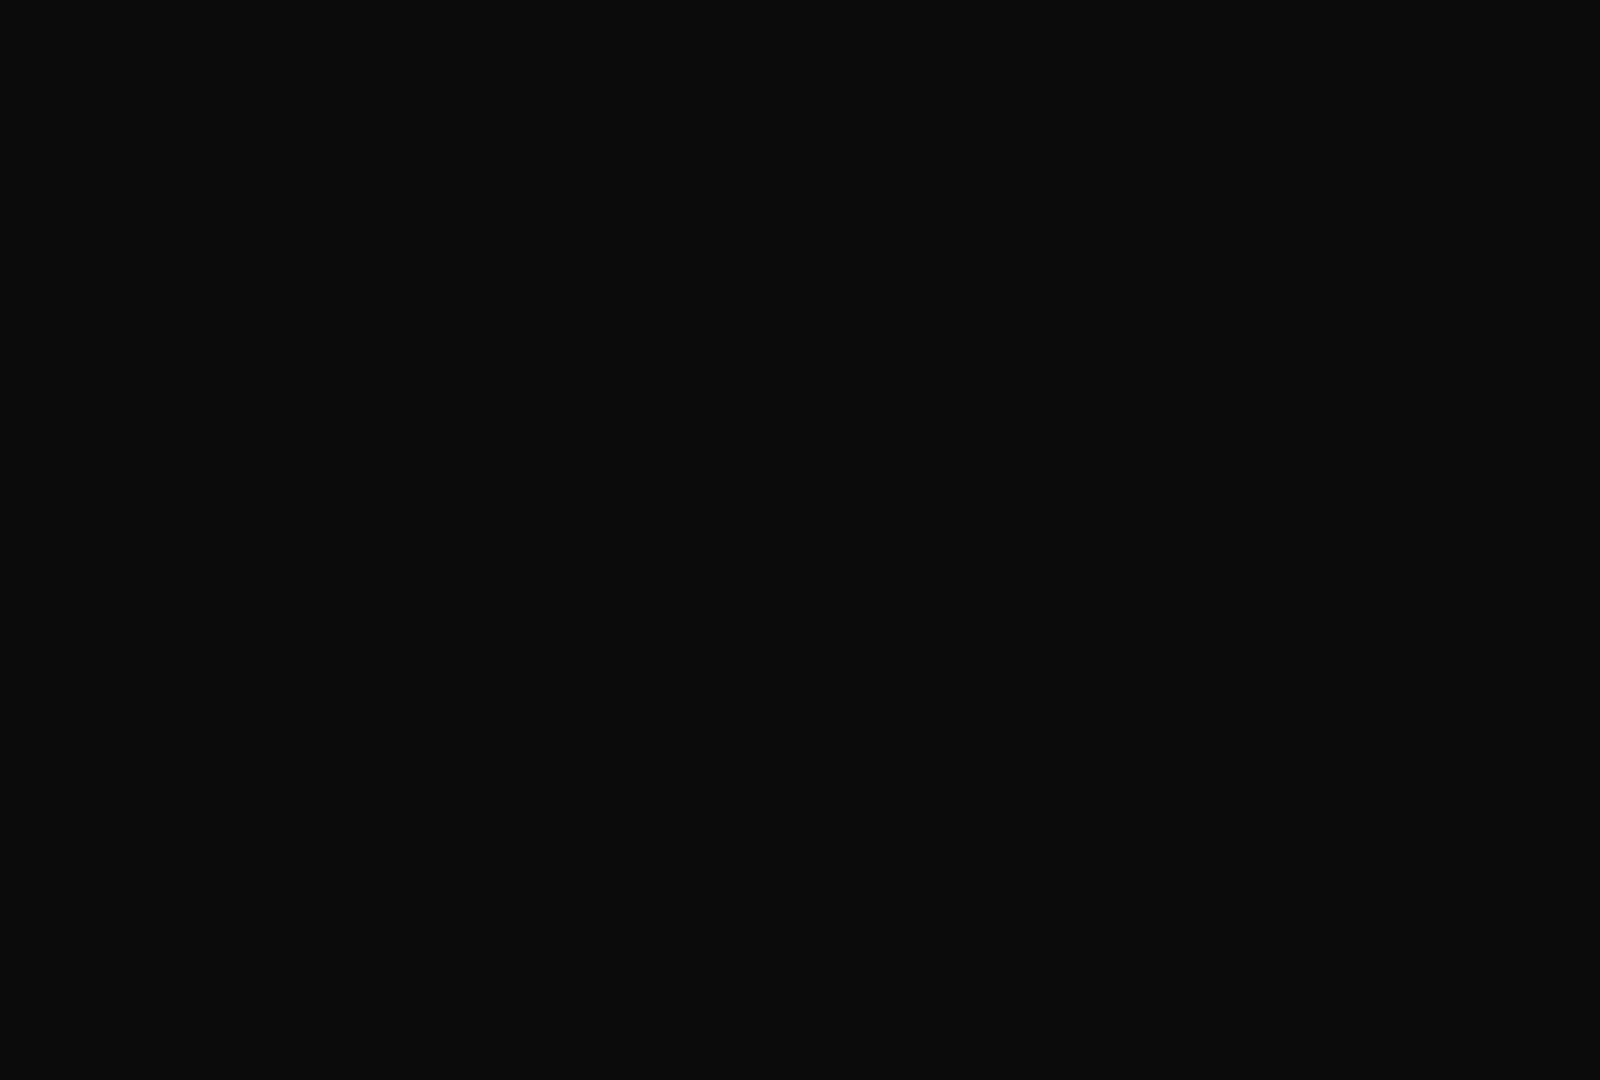 充血監督の深夜の運動会Vol.53 おまんこモロ出し | カップル  20pic 11